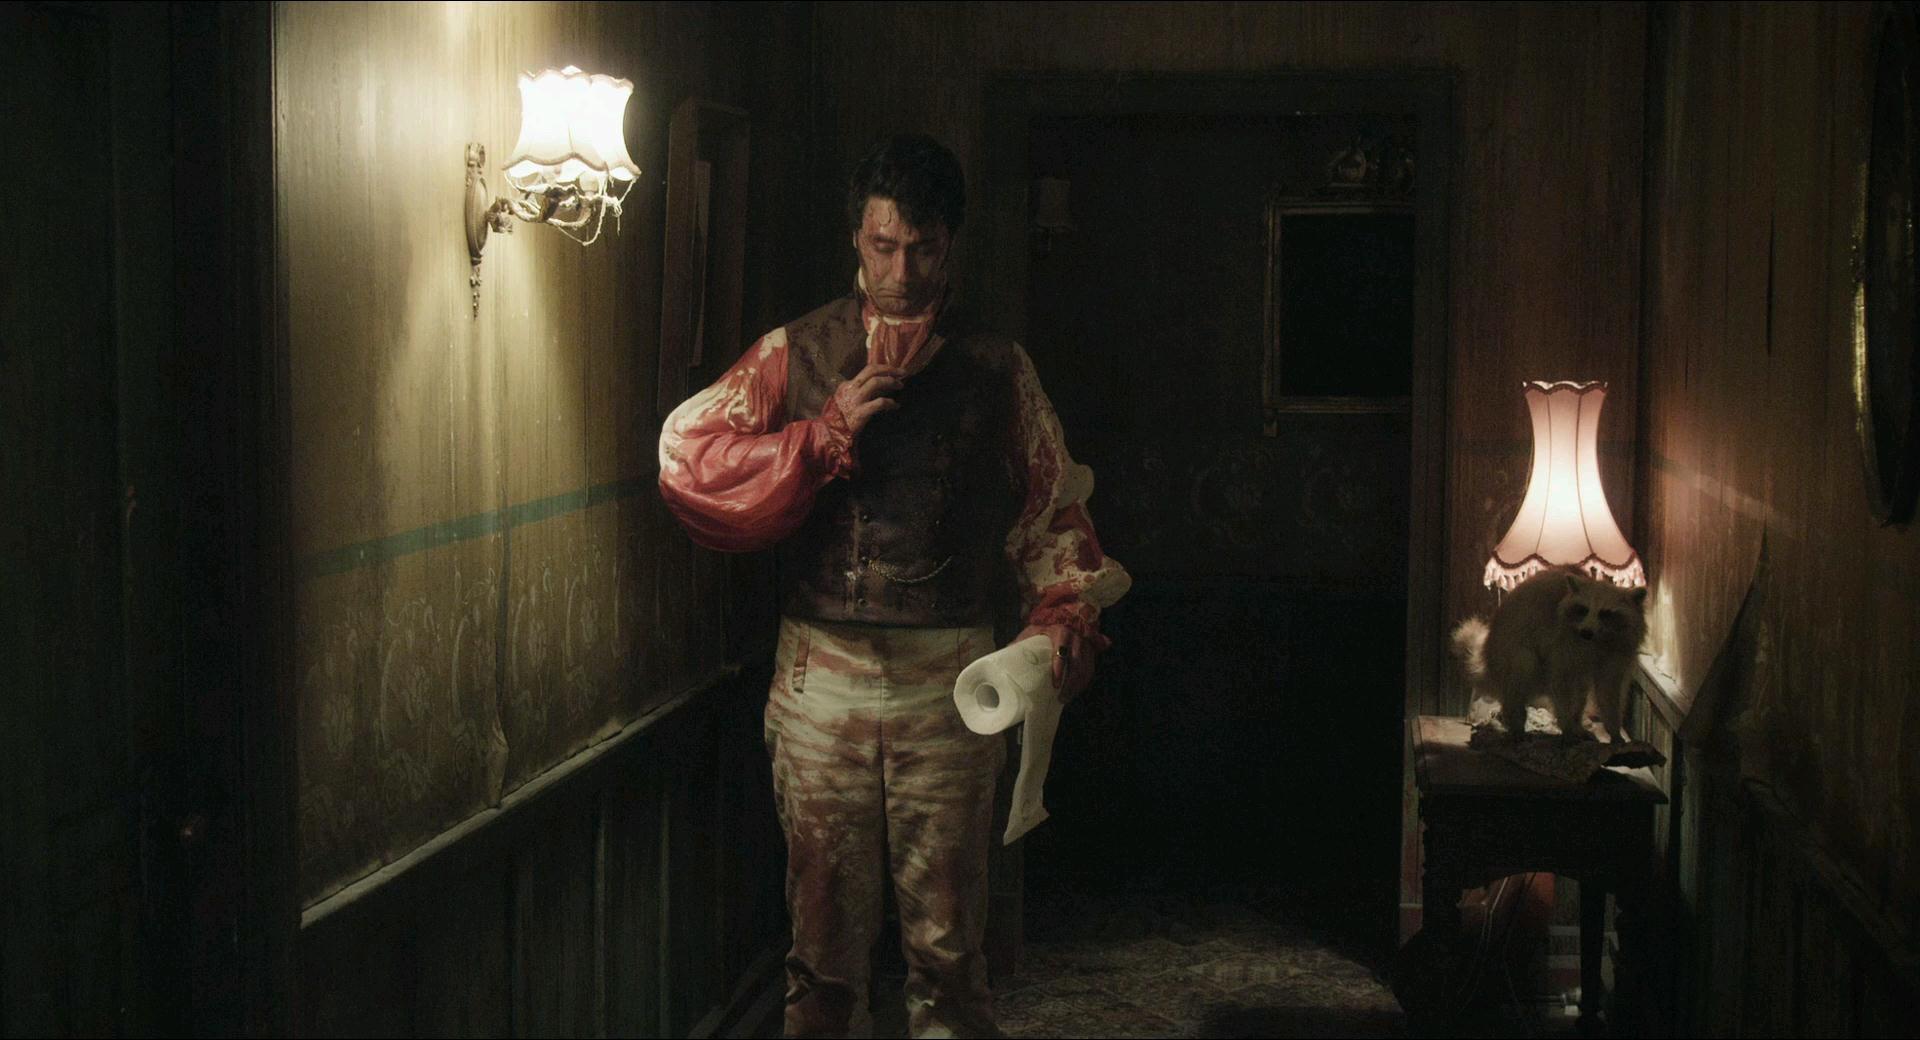 Реальные упыри / Чем мы занимаемся в тени / What We Do in the Shadows (2014) BDRip 1080p